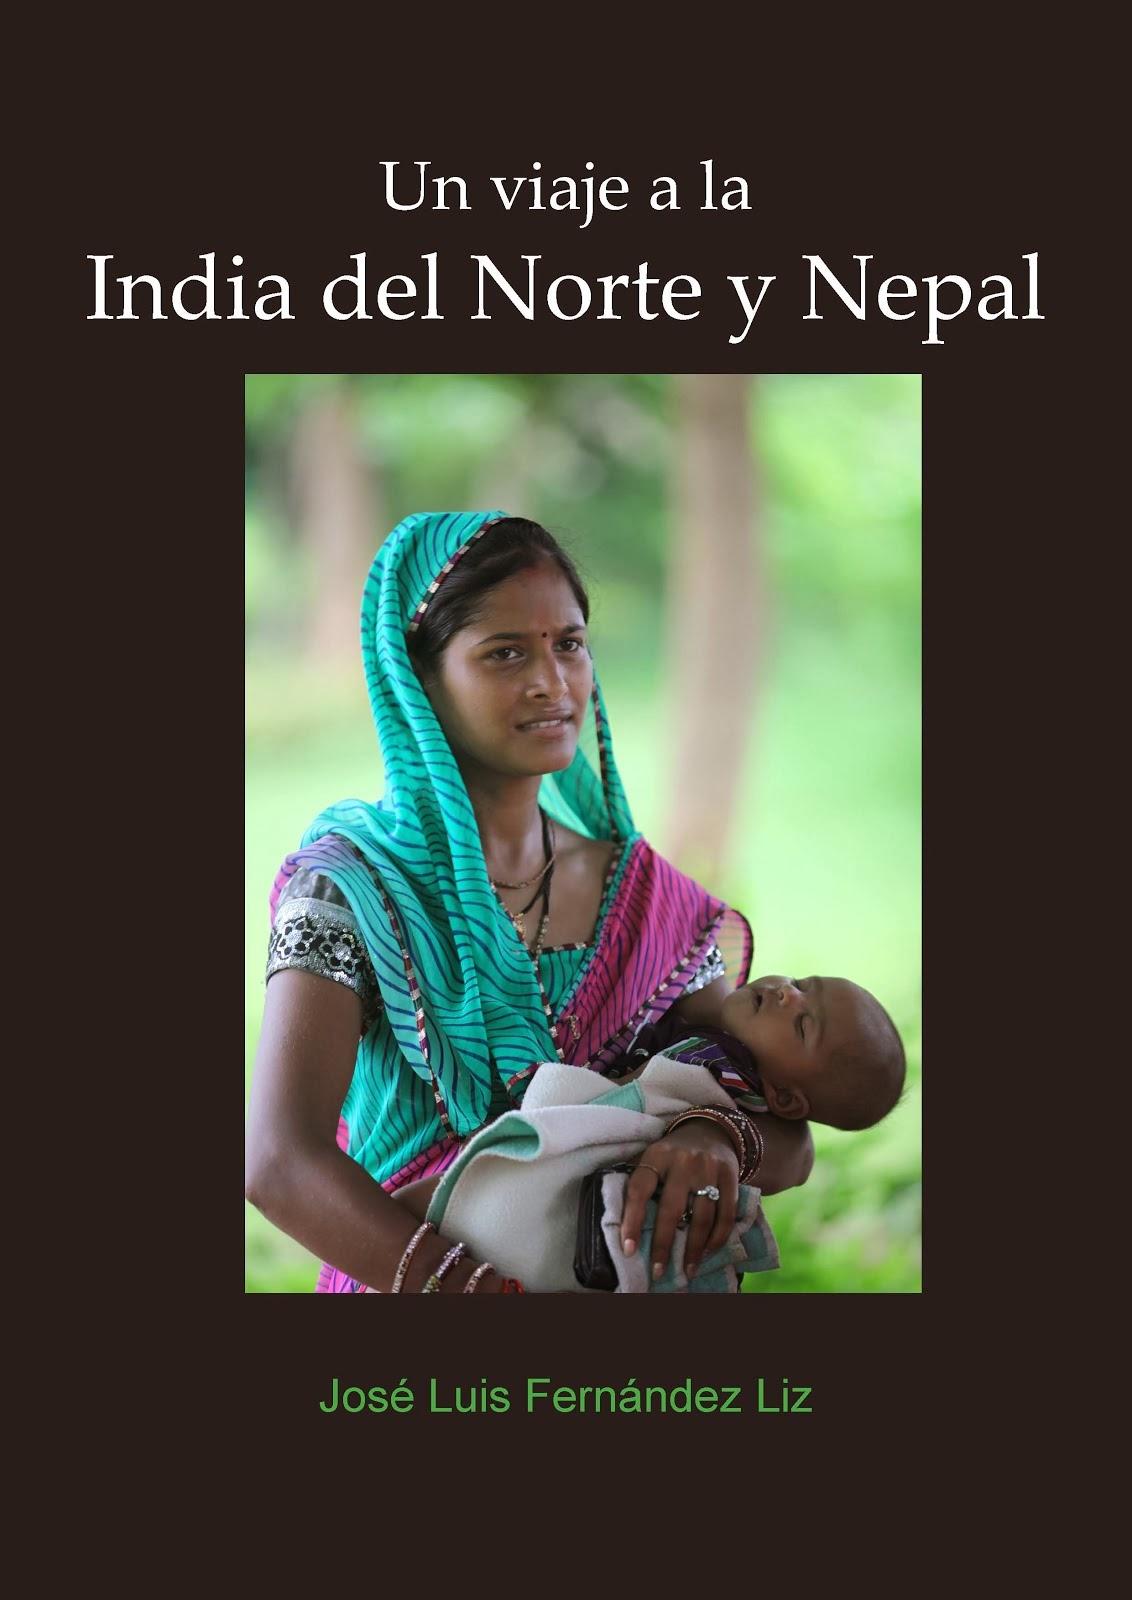 Un viaje a la India del Norte y Nepal